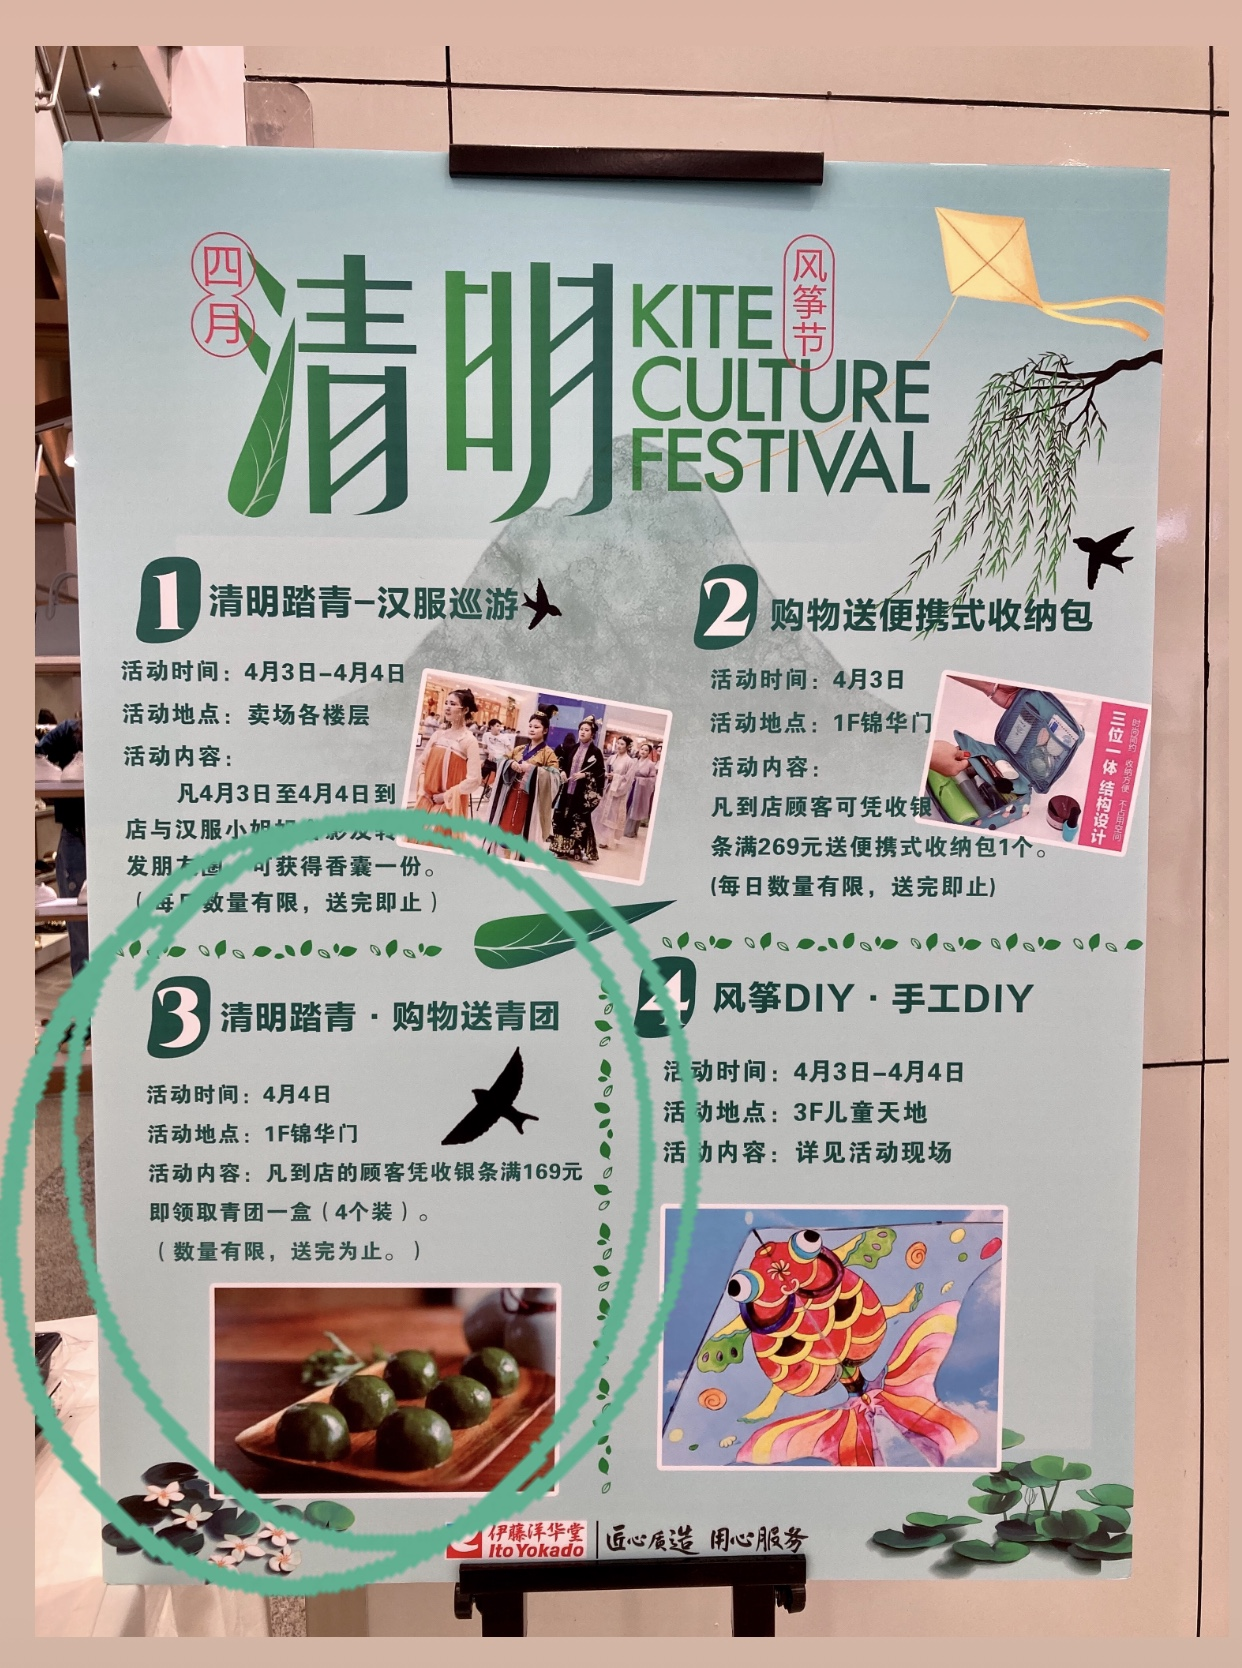 Na primavera, o comércio, as mídias nos lembram do imprescindível a ser levado aos festivais e aos passeios de finais de semana, e claro, Qingtuan não pode faltar